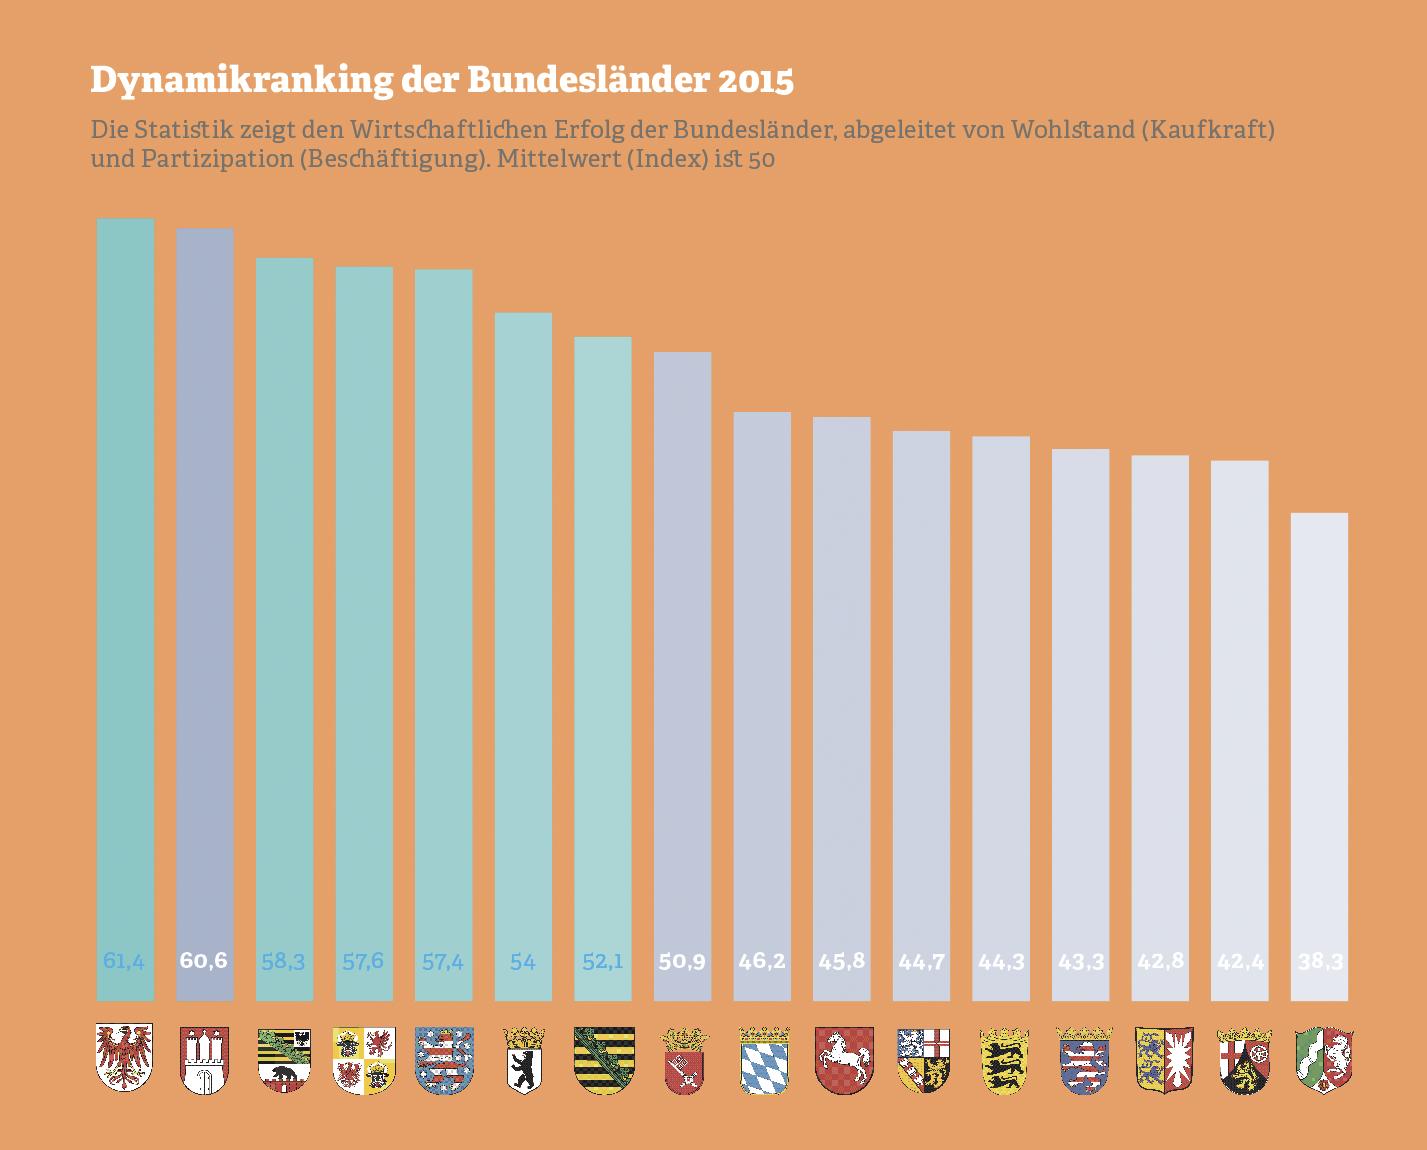 Grafik: Dynamikranking der Bundesländer 2015